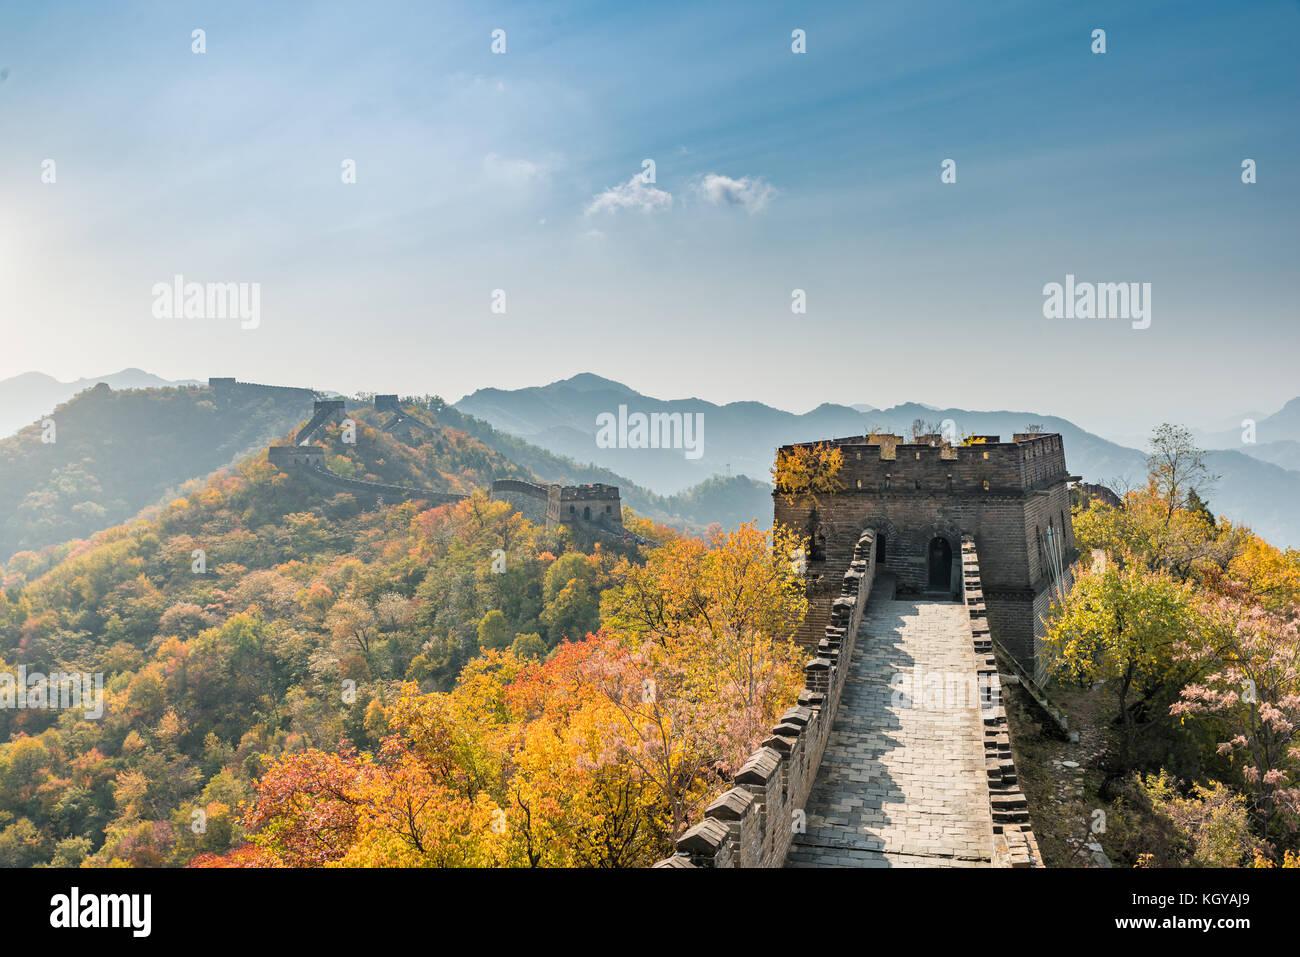 La grande muraille de Chine vue lointaine tours comprimé et segments de mur saison d'automne dans les montagnes Photo Stock